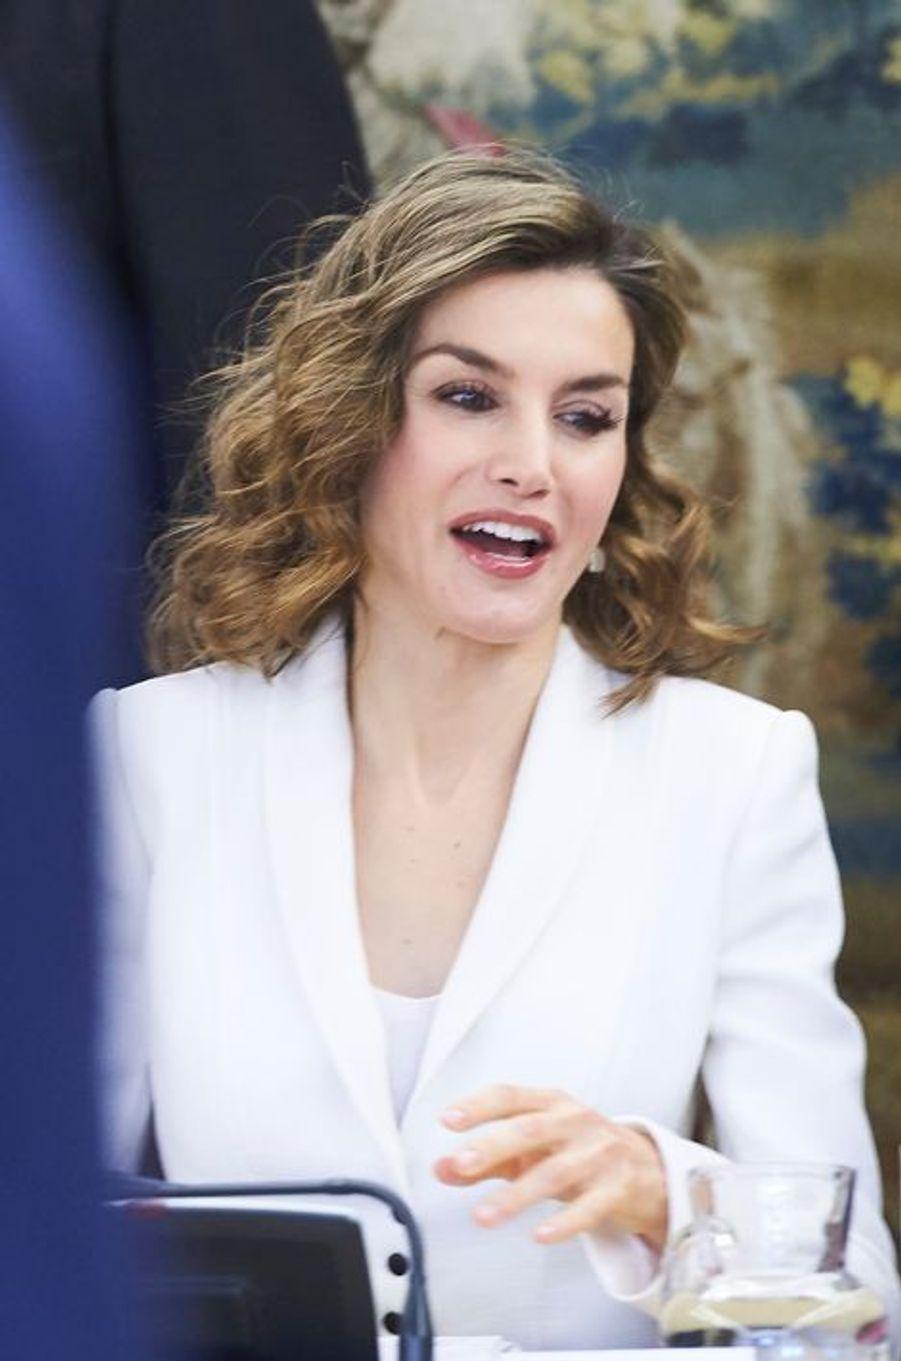 La reine Letizia d'Espagne au palais de la Zarzuela à Madrid, le 14 avril 2016